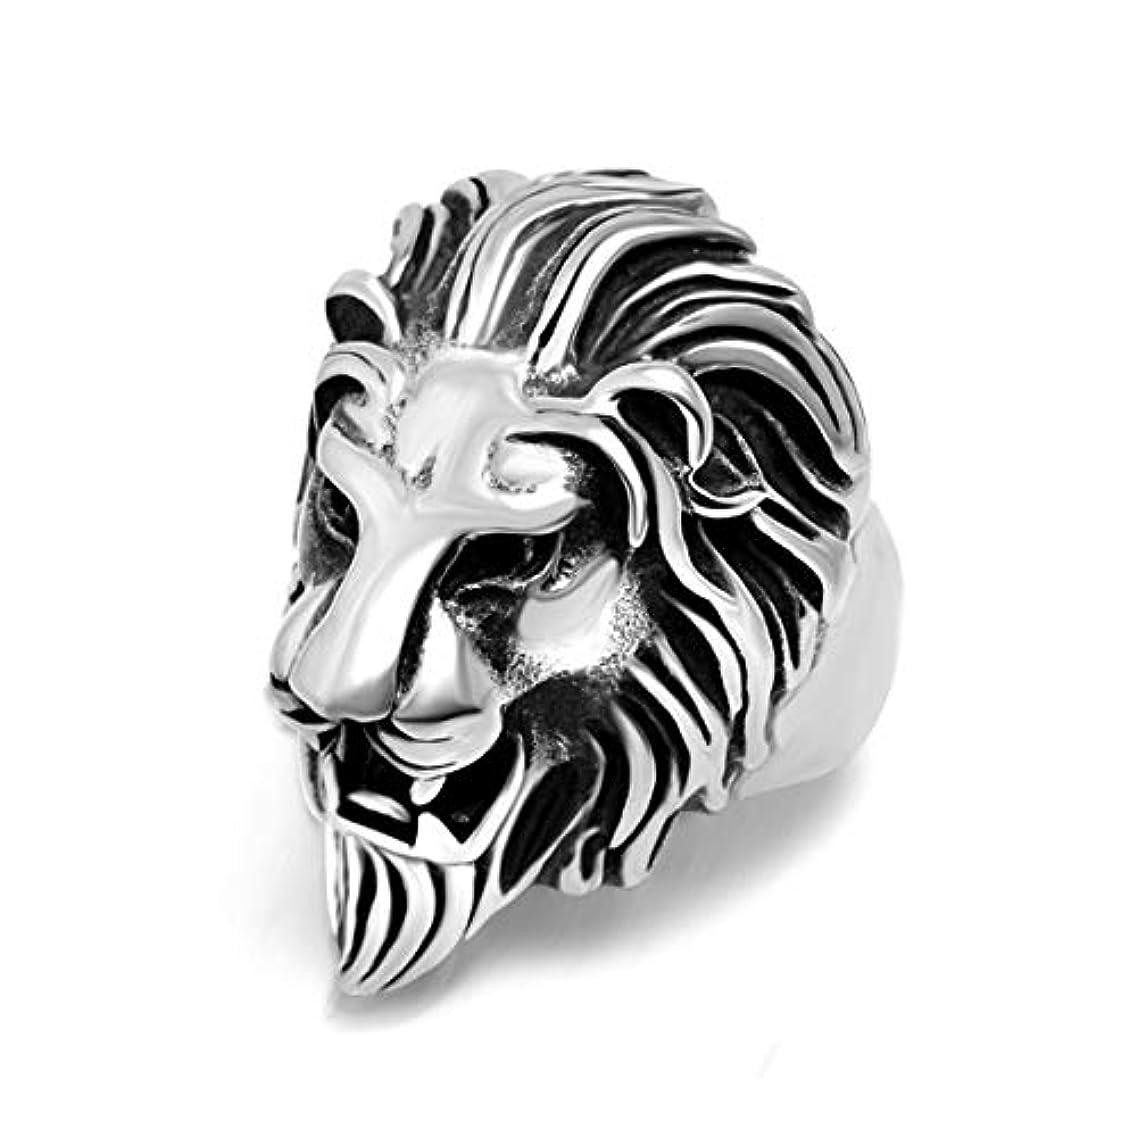 覚醒ペリスコープ富豪横暴なライオンヘッドリングメンズトレンドリングチタンスチールリングクリエイティブリング-スチールカラー